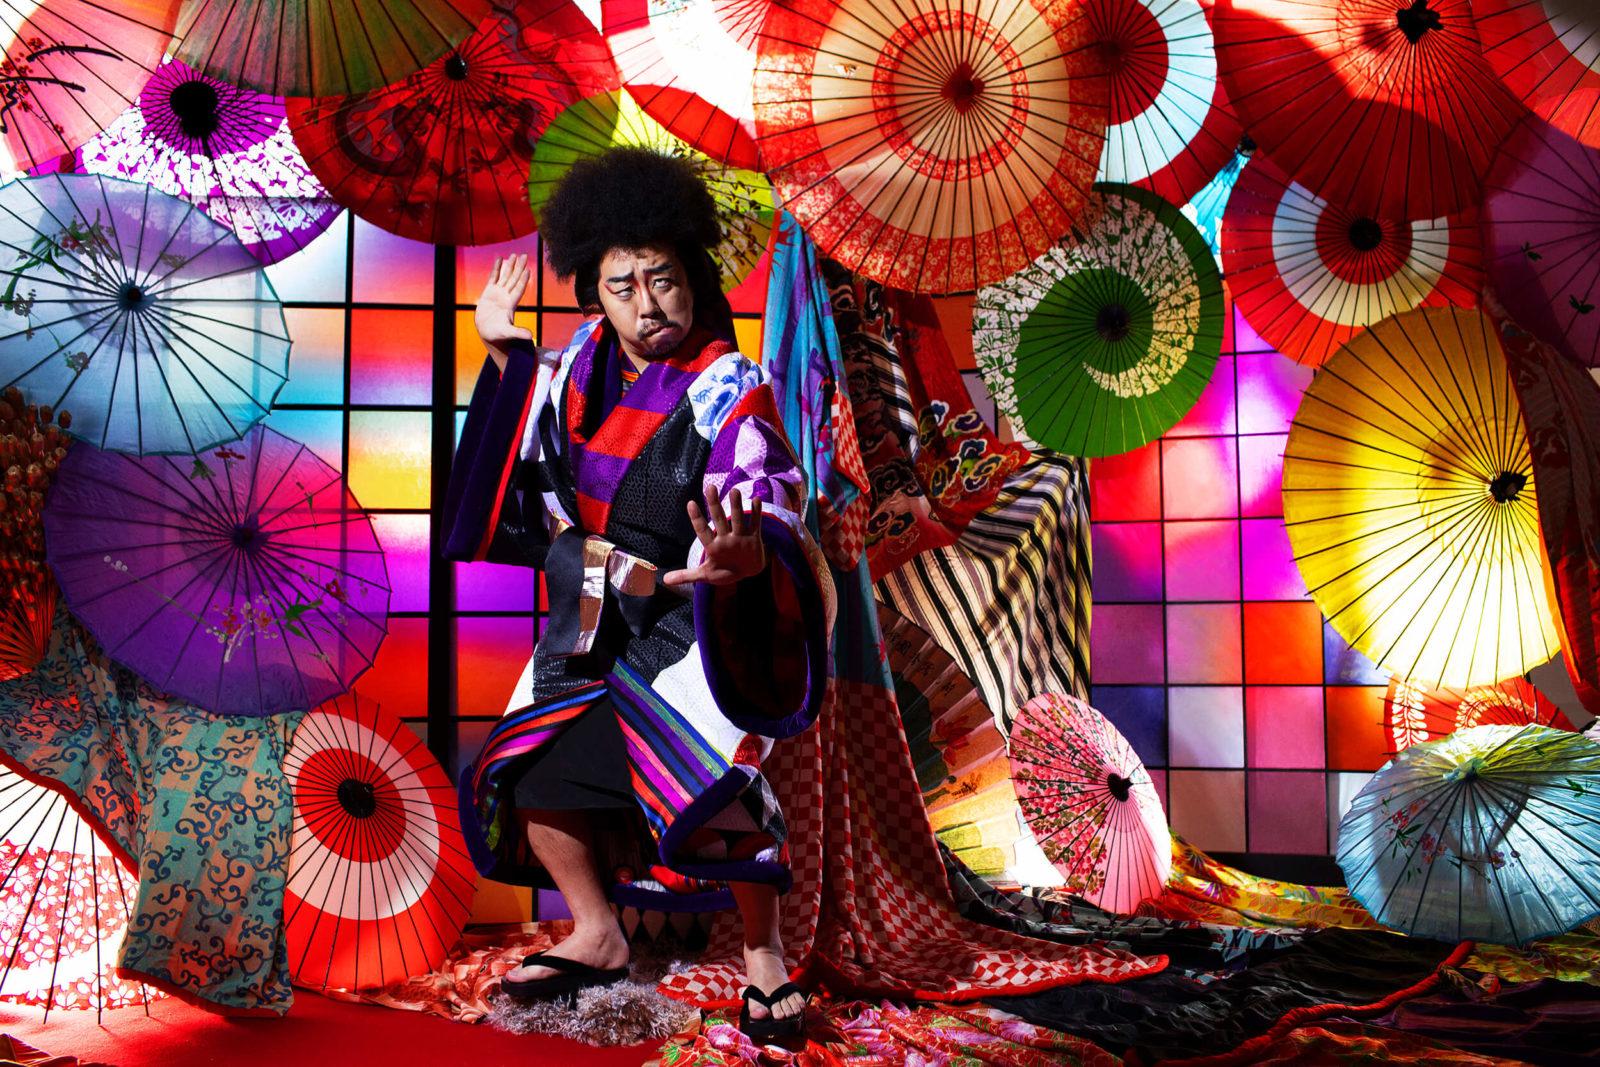 レキシ話題の新曲「GOEMON feat. ビッグ門左衛門 (三浦大知)」でGOEMONが花嫁のハートを盗む?サムネイル画像